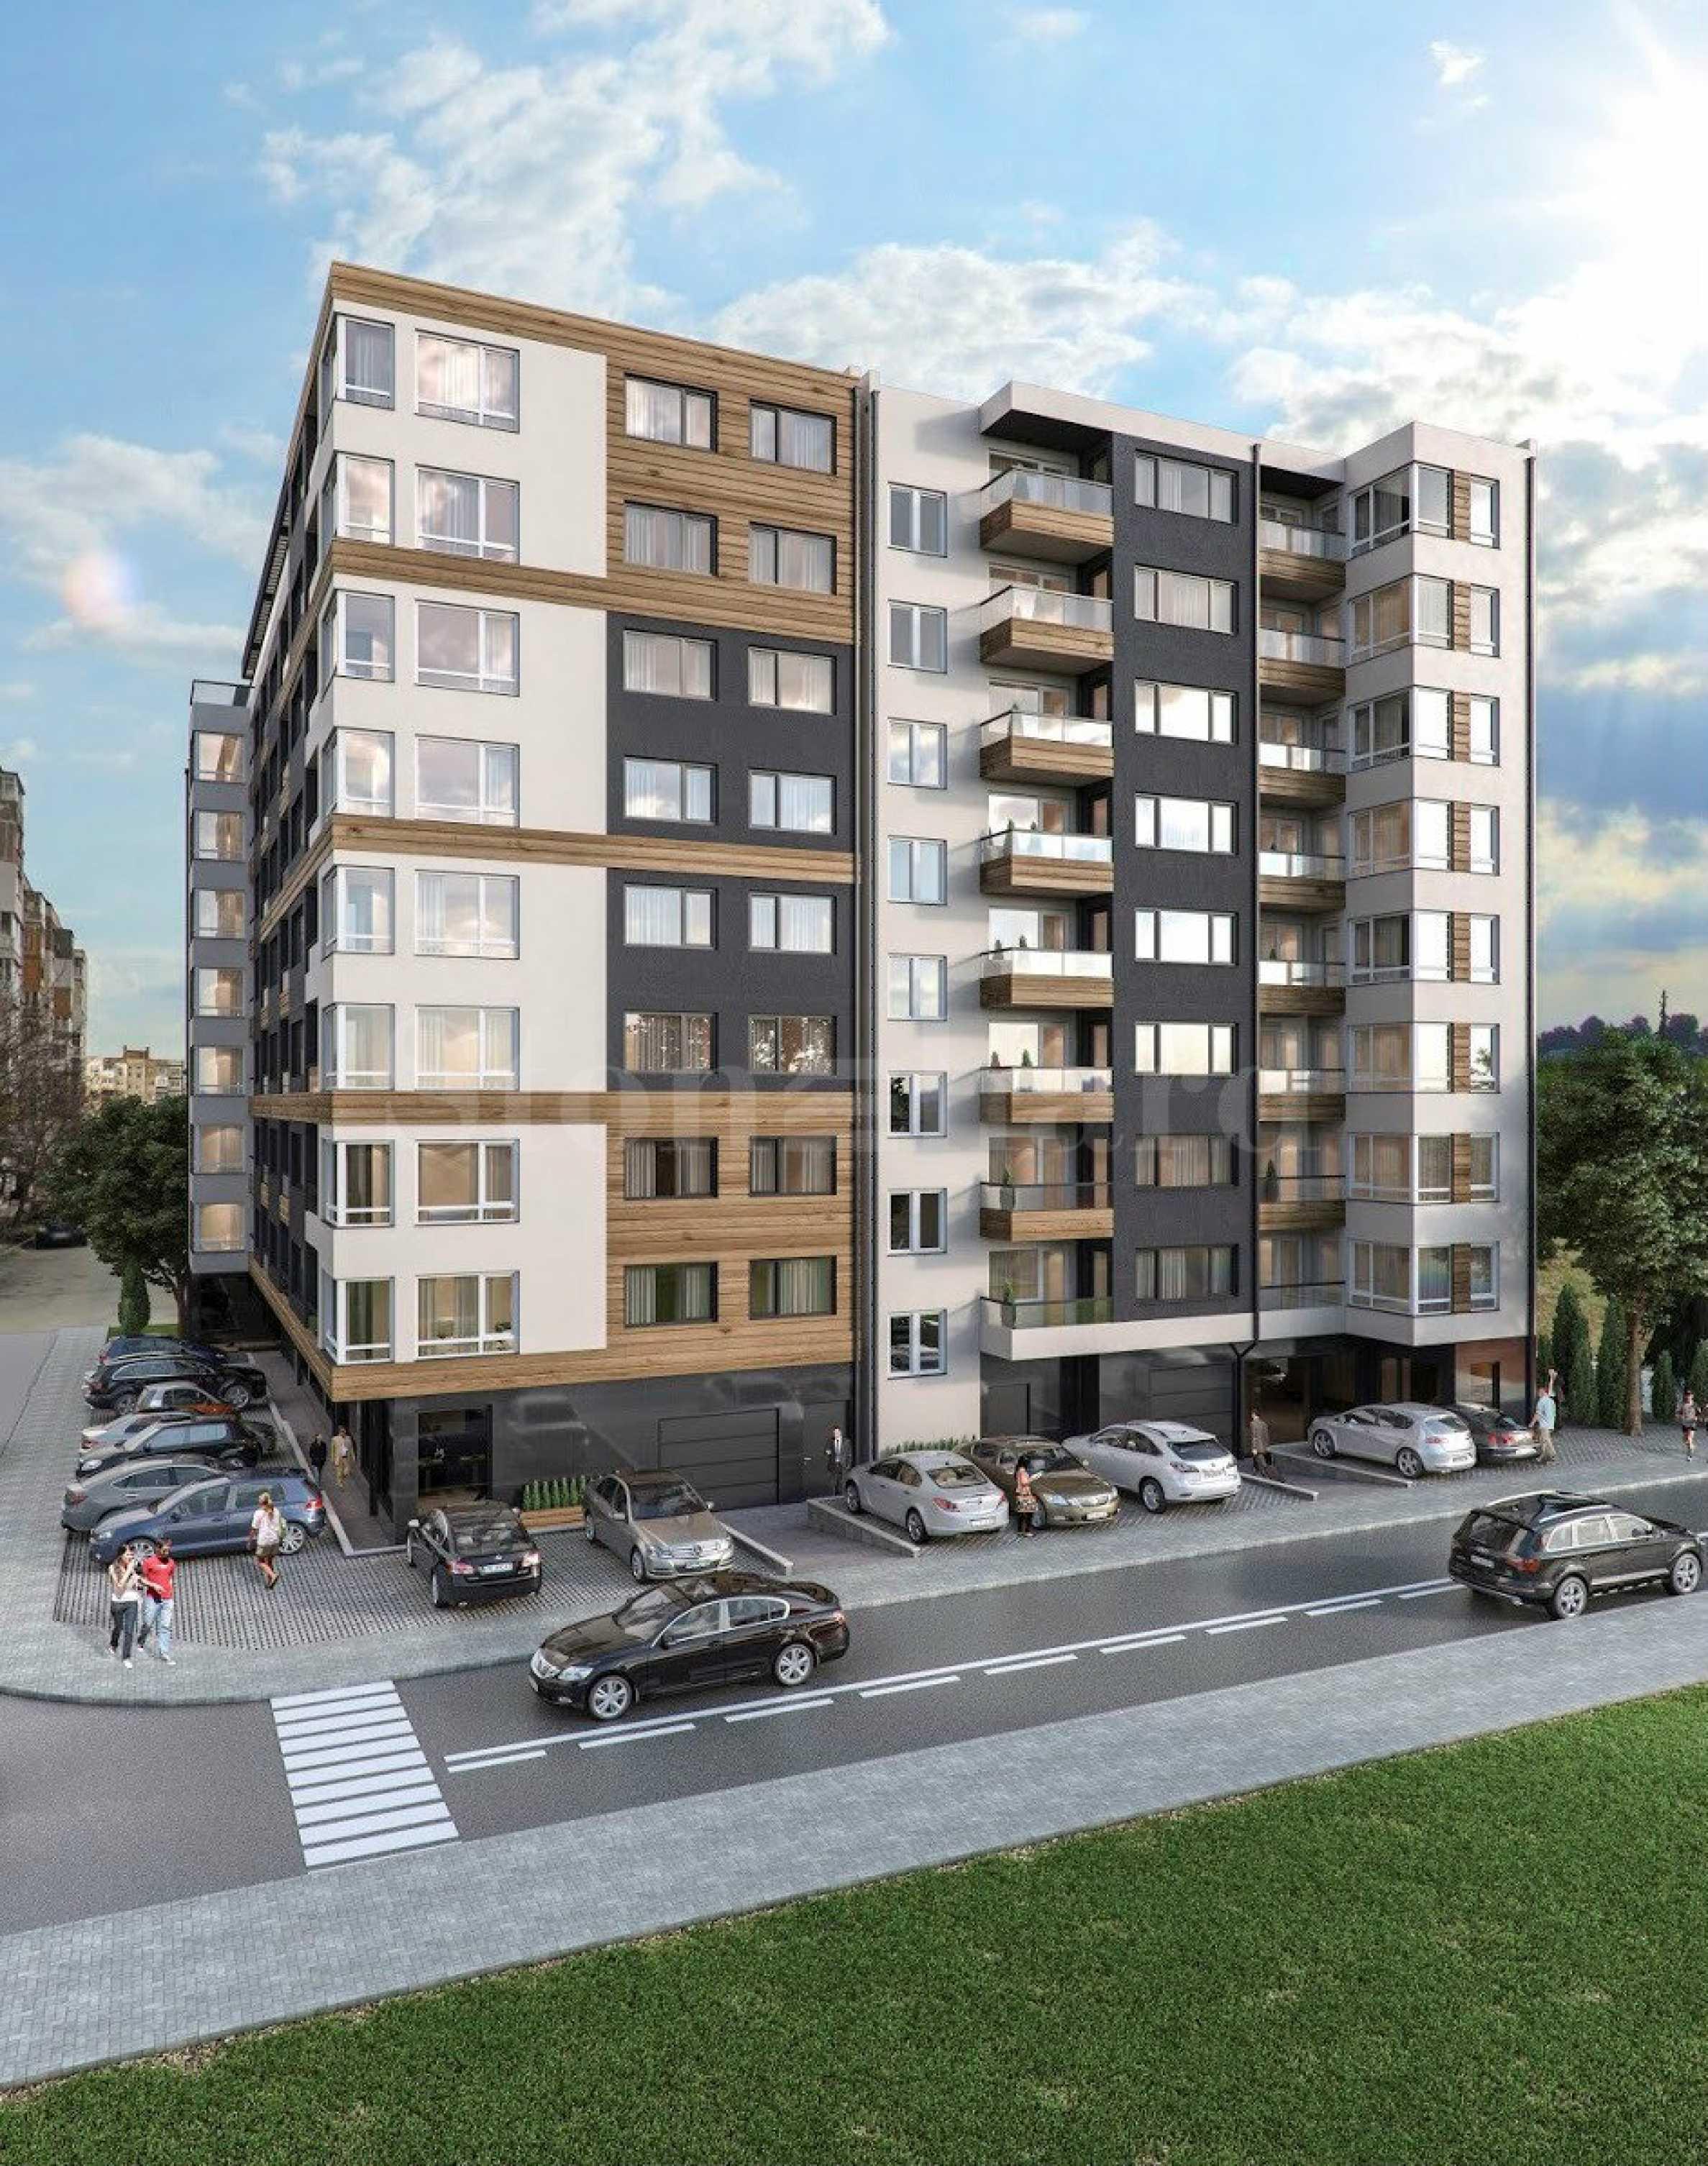 Нови апартаменти в жилищна сграда в ж.к. Кайсиева градина, Варна2 - Stonehard